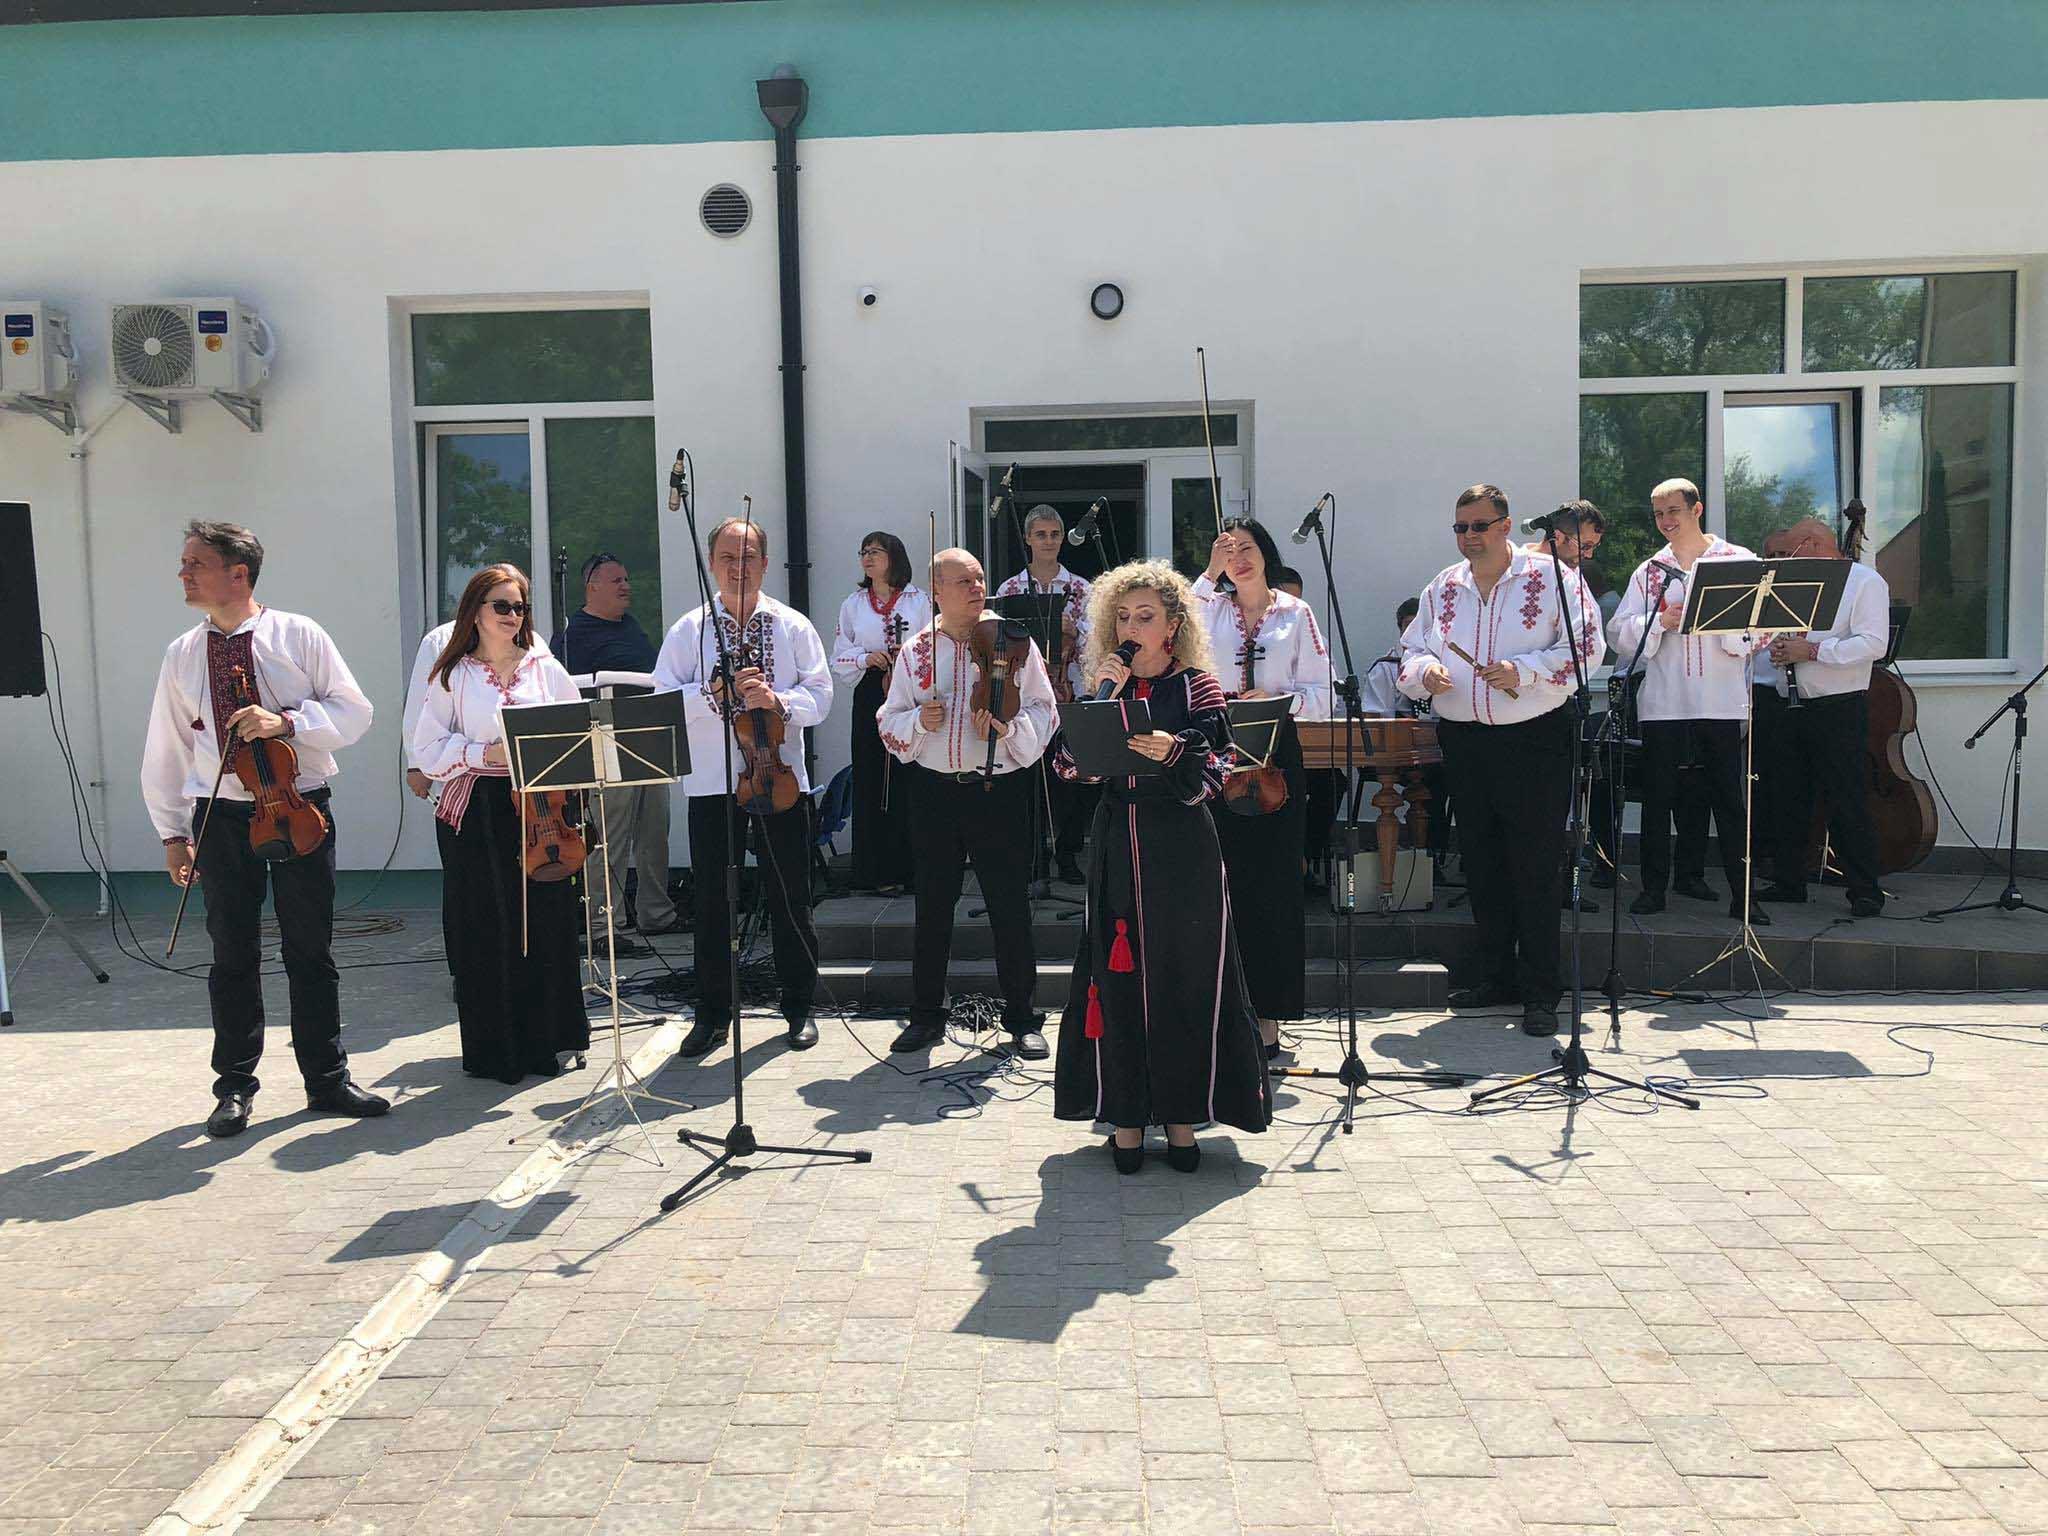 У кожен медзаклад – з українською піснею: урочистим концертом у ЦМКЛ привітали медиків з професійним святом (ФОТО, ВІДЕО)